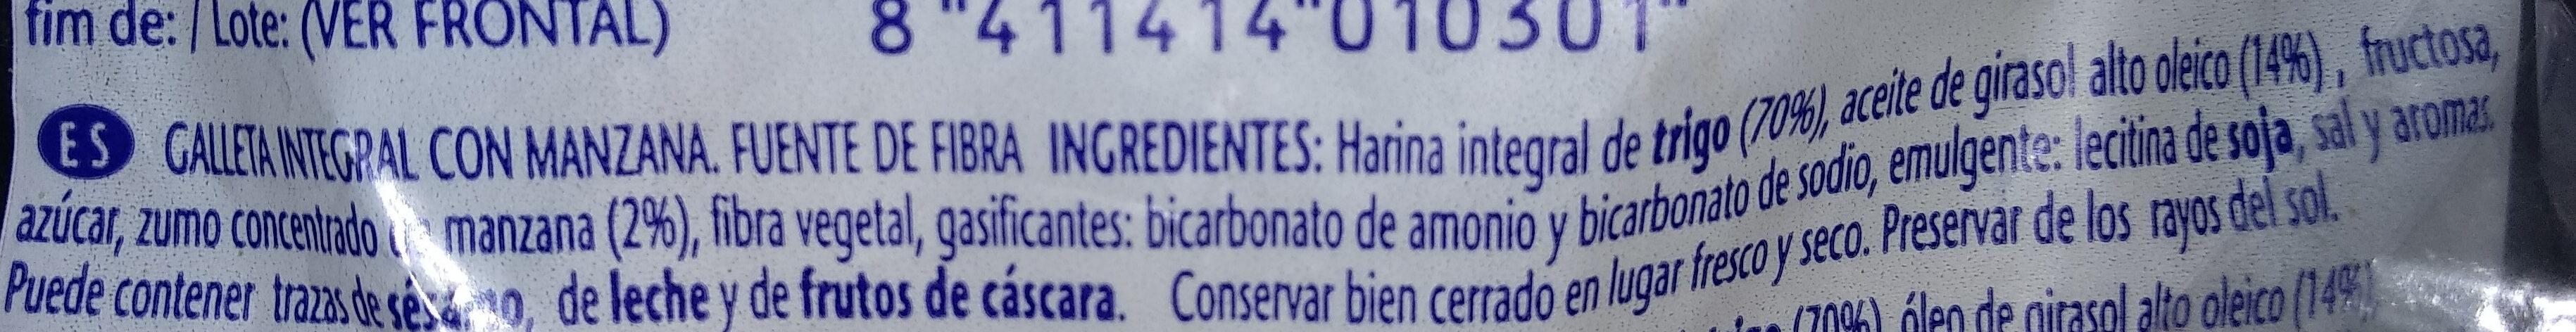 Galletas con manzana - Ingredientes - es